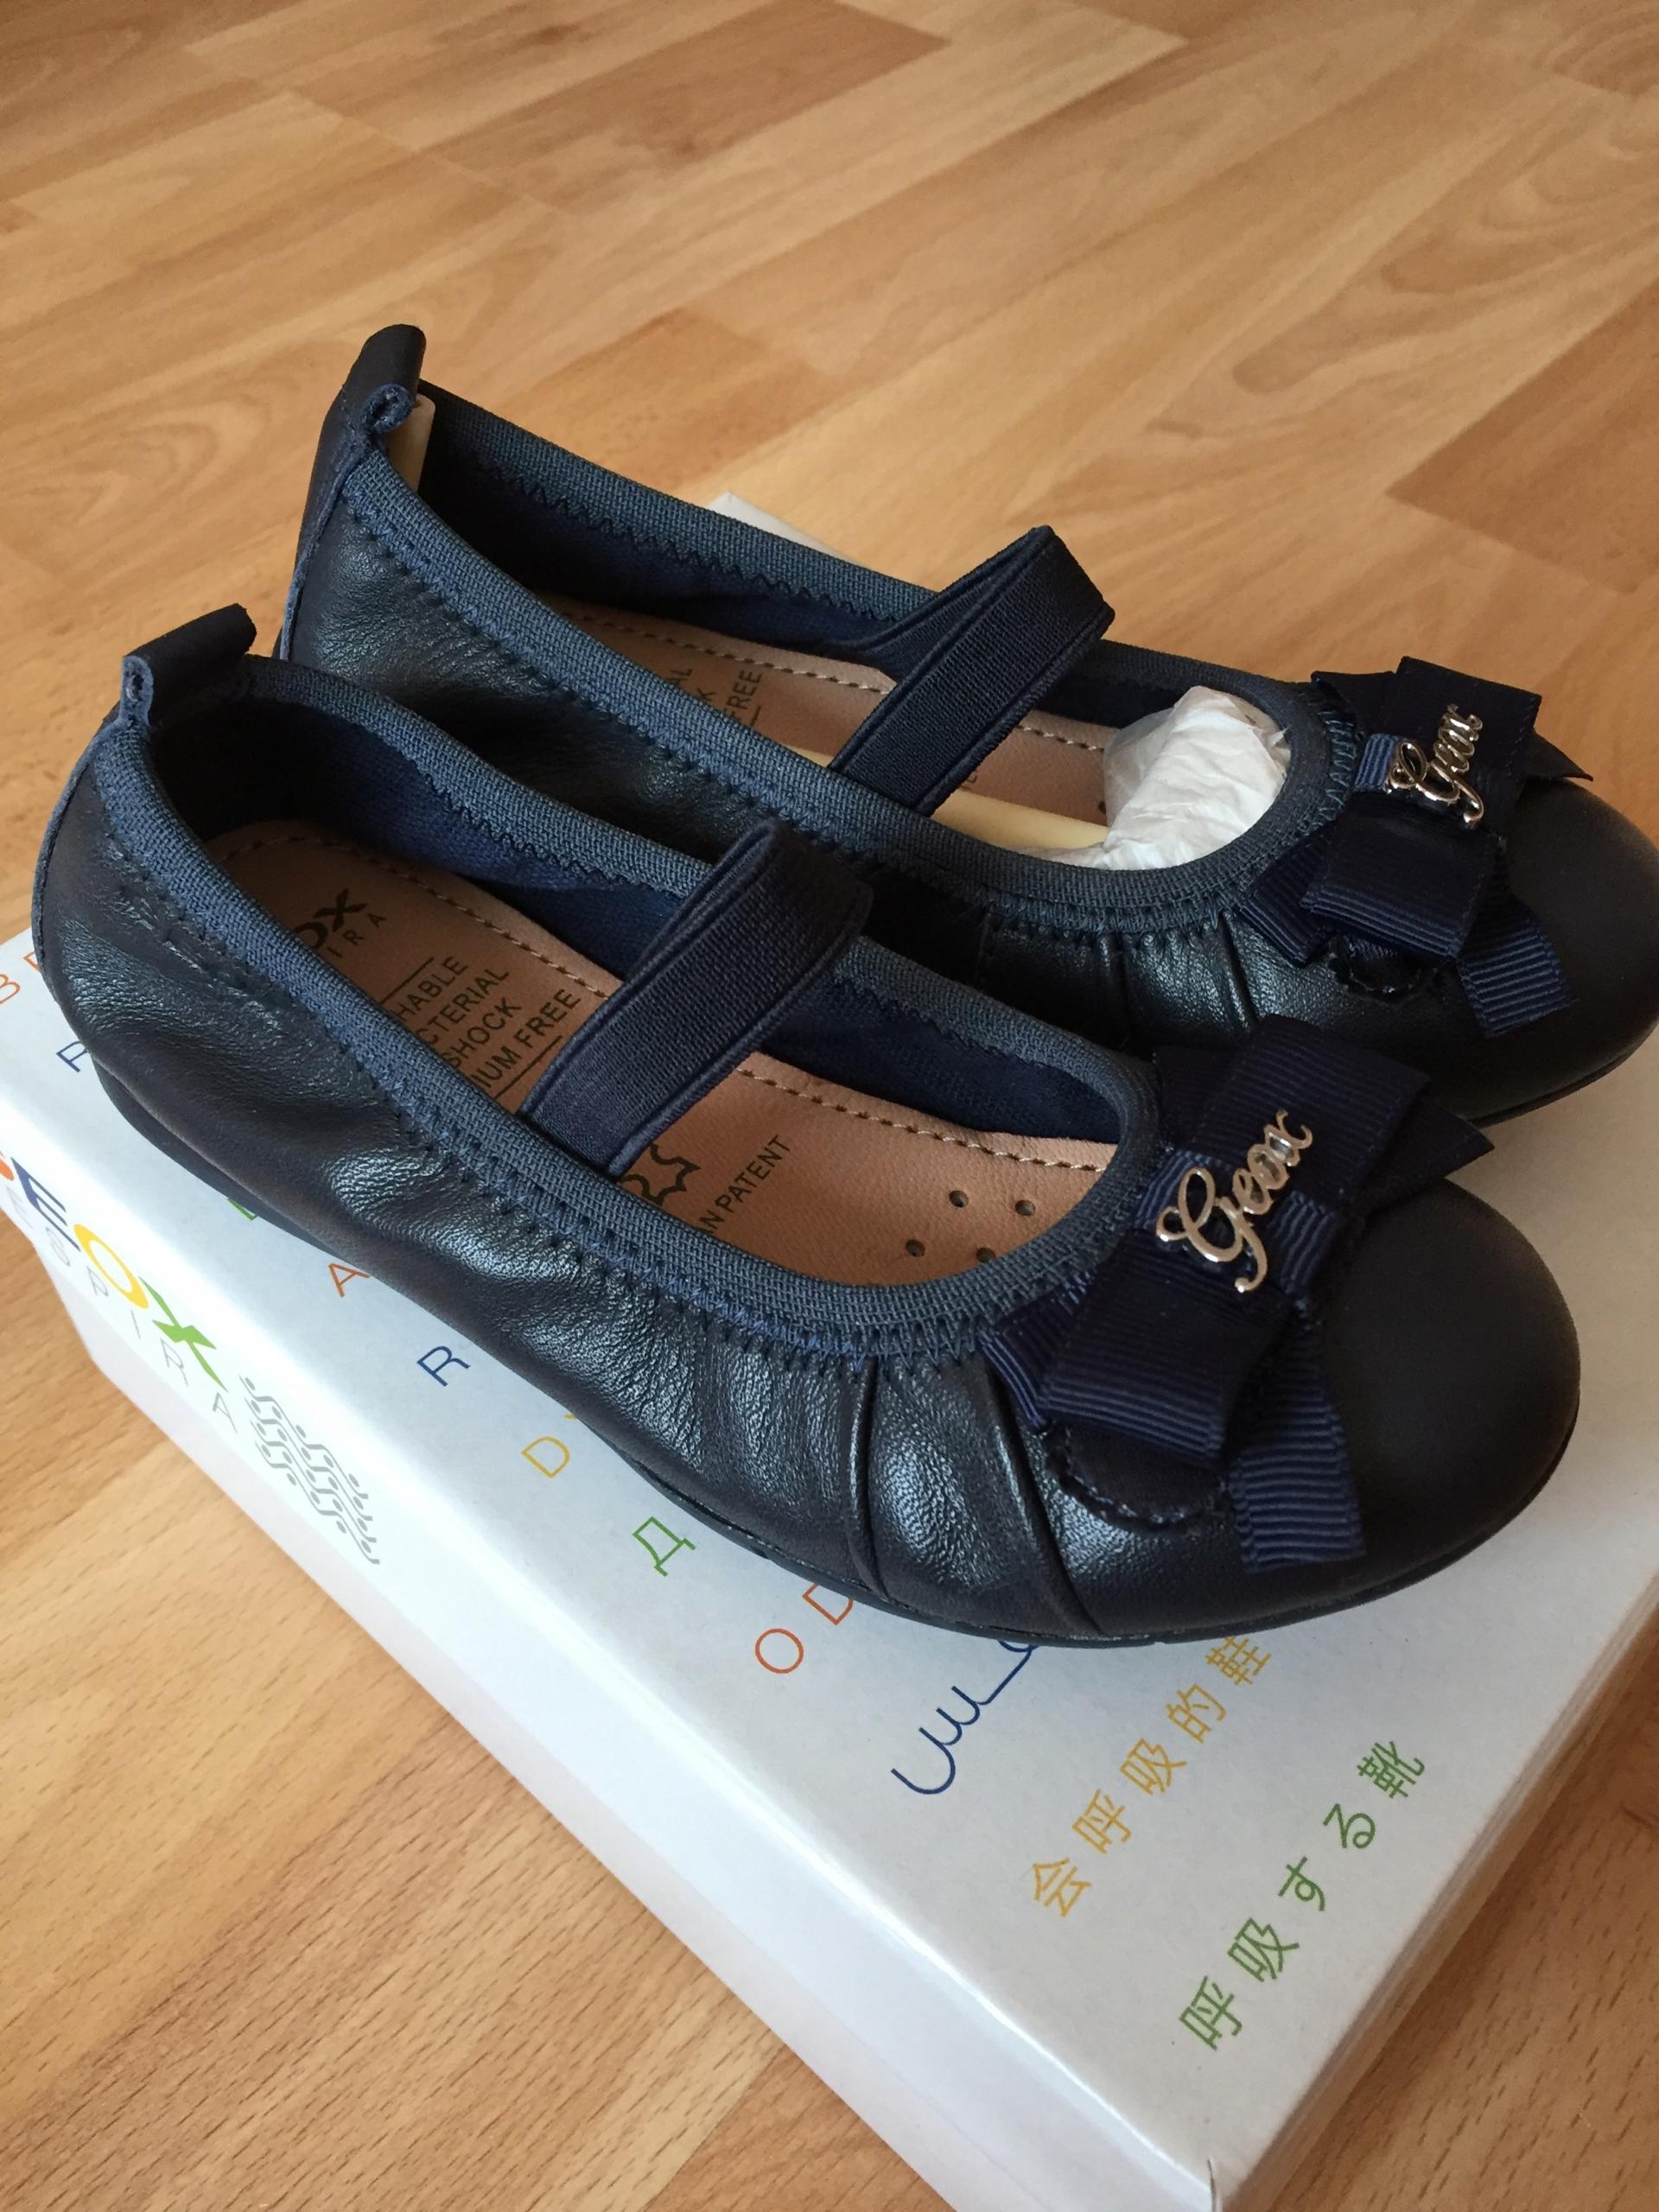 GEOX - BALERINY buty skórzane - rozmiar 27 - NOWE